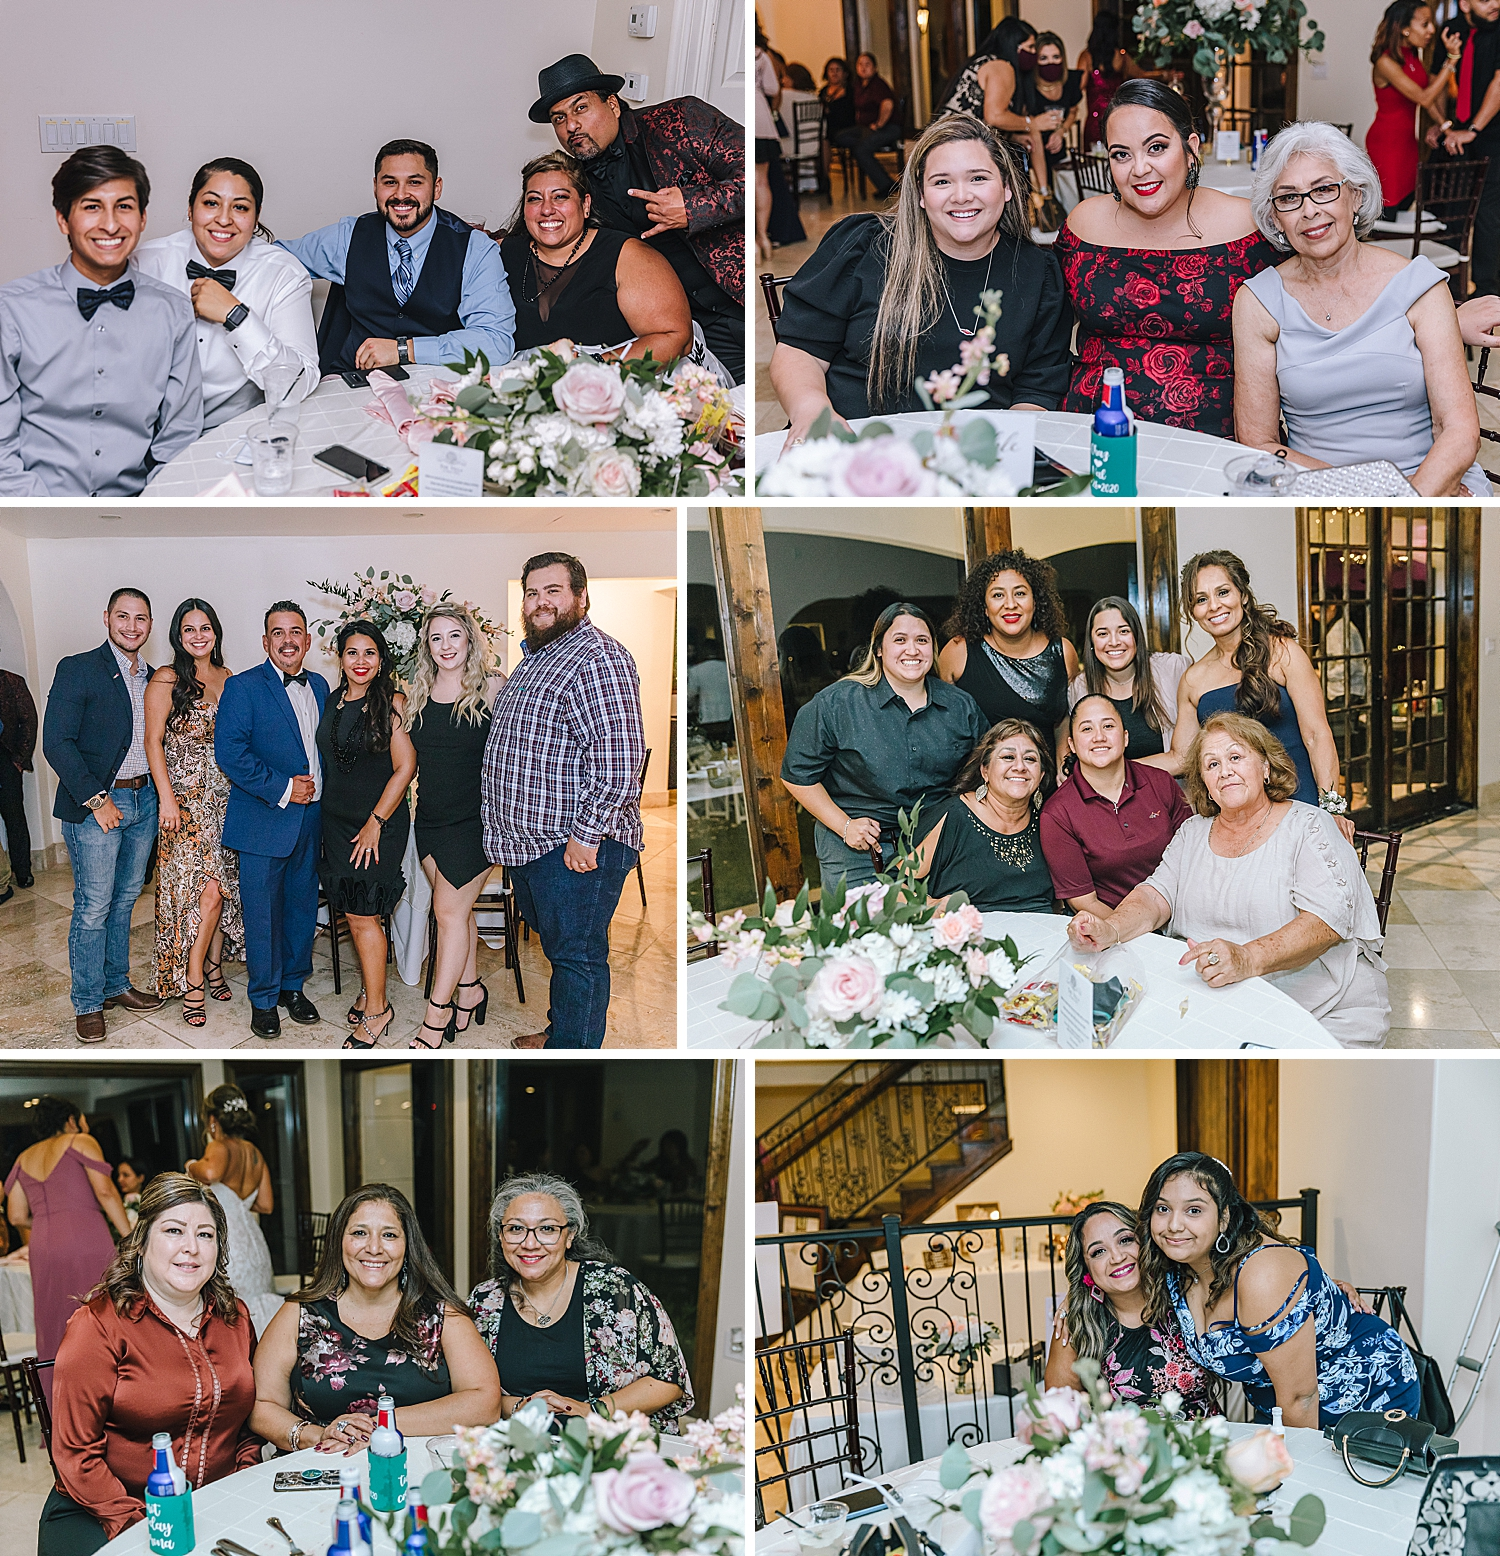 Carly-Barton-Photography-The-Villa-at-Cielo-Vista-Blush-Gold-White-Wedding-Photos_0024.jpg